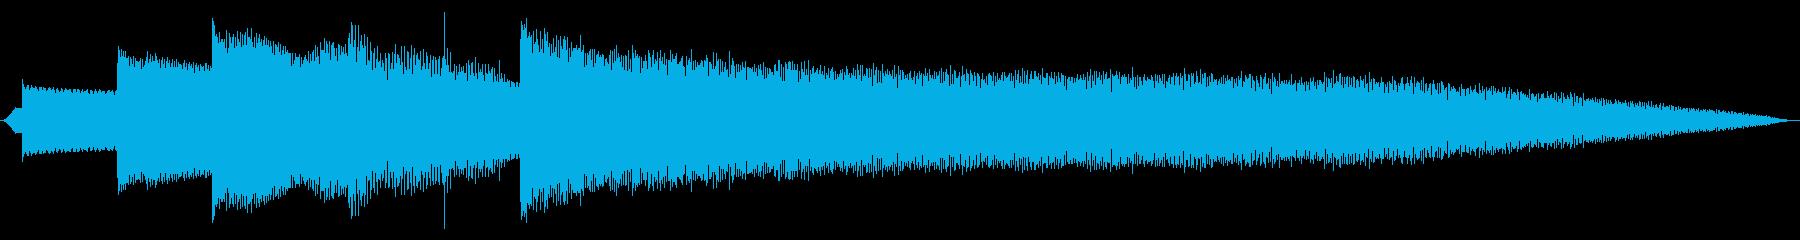 クリスタルベル伝送アクセストーンの再生済みの波形